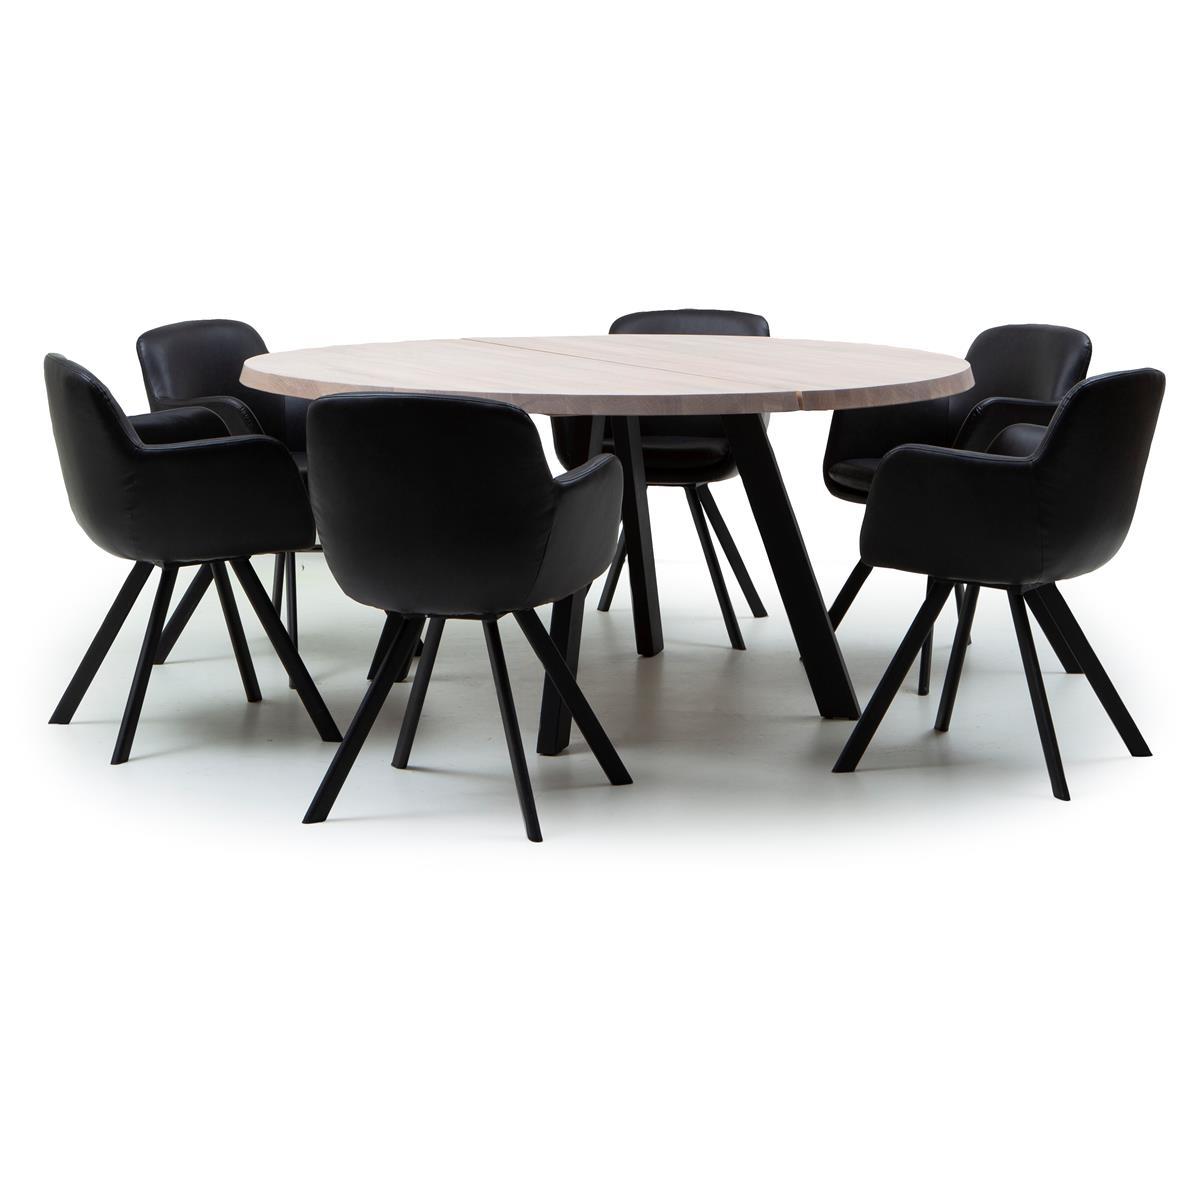 Fred-bord-westville-stol-svart-1